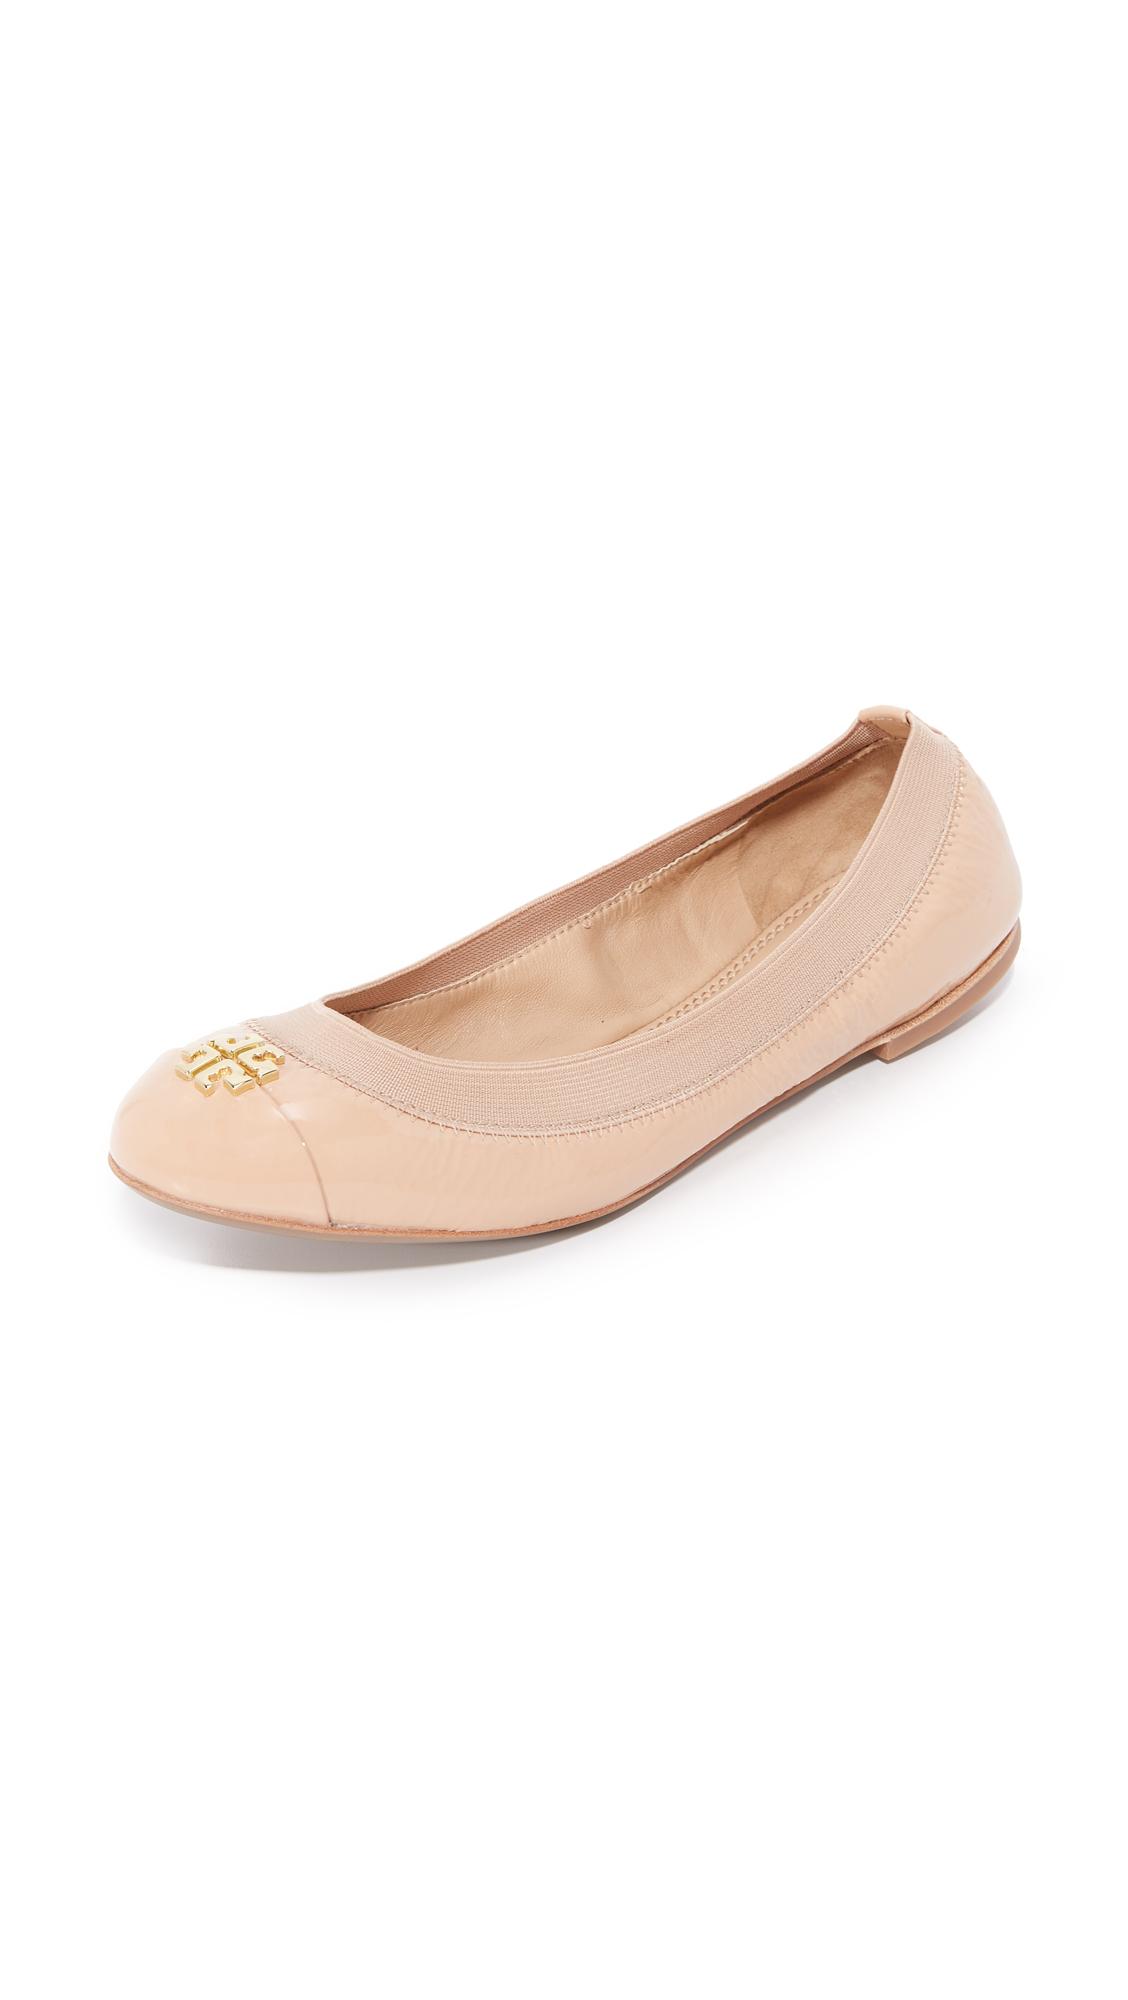 ed6cd64597c44 Tory Burch Jolie Ballet Flats